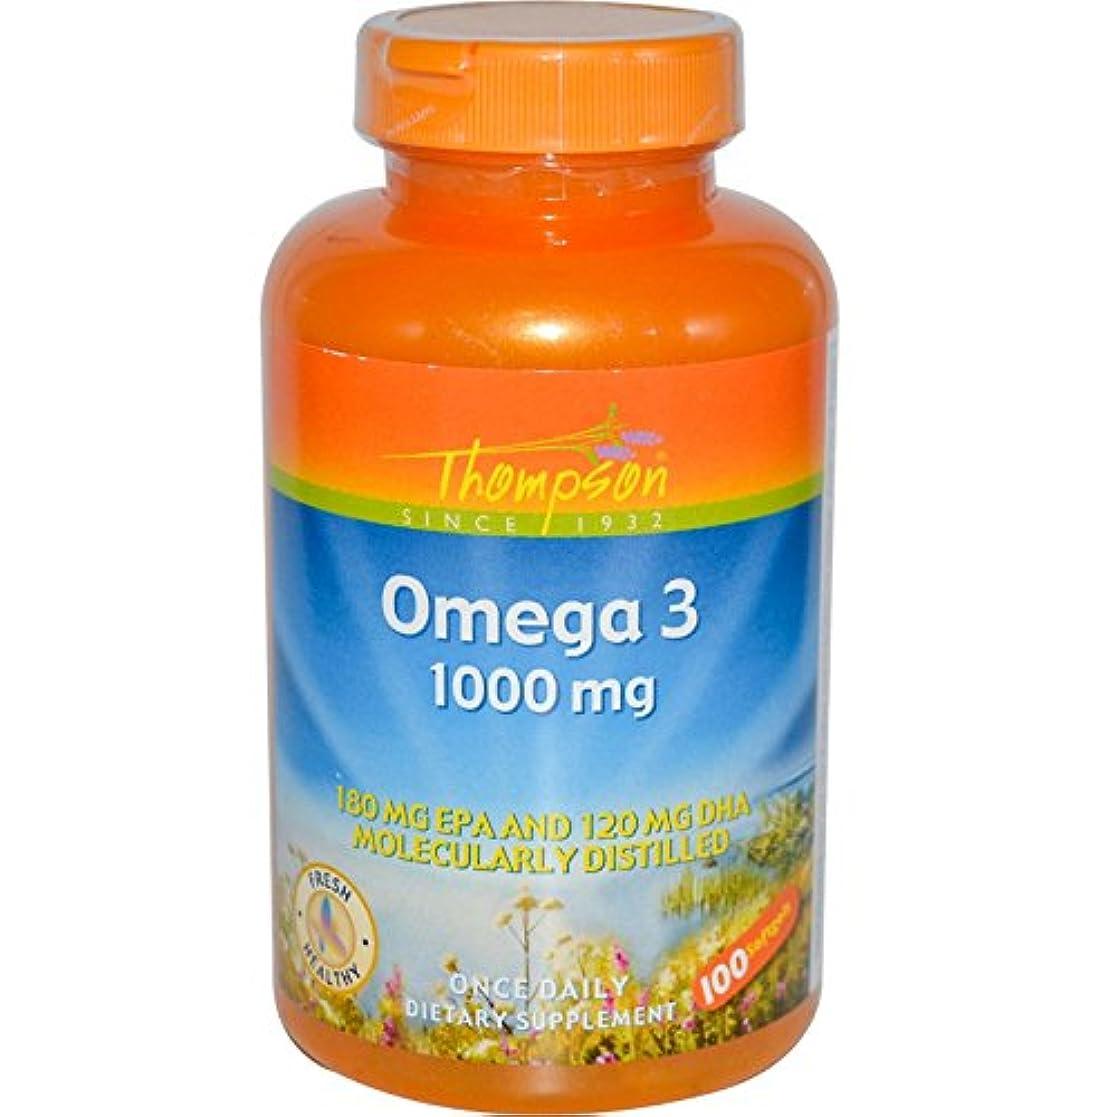 二年生溶融義務付けられた海外直送品 Thompson Nutritional Products Omega-3 Fish Oil, 100 Sftgls 1000 MG